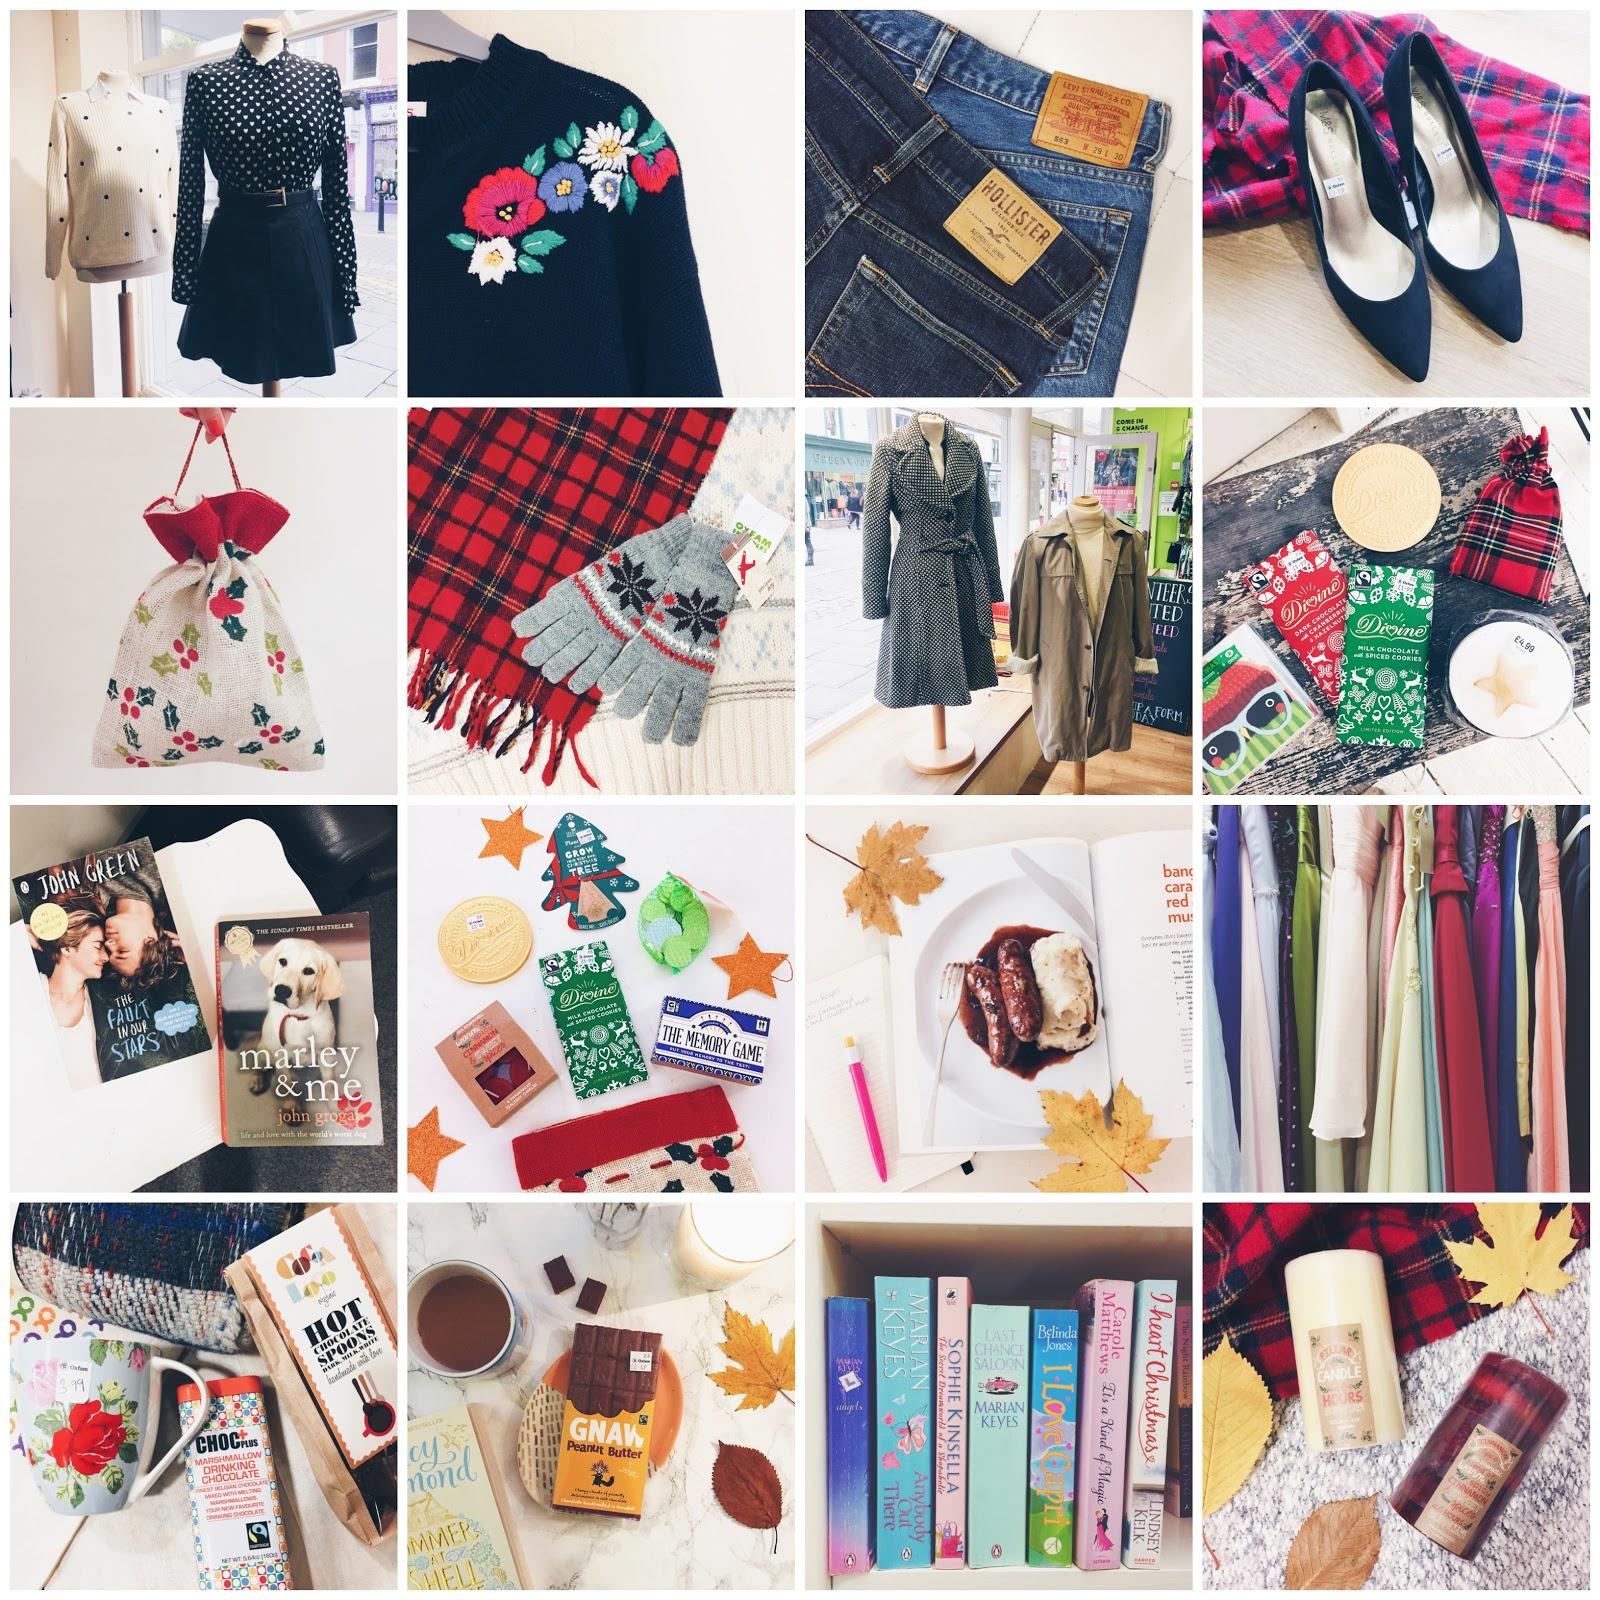 oxfam shop fashion